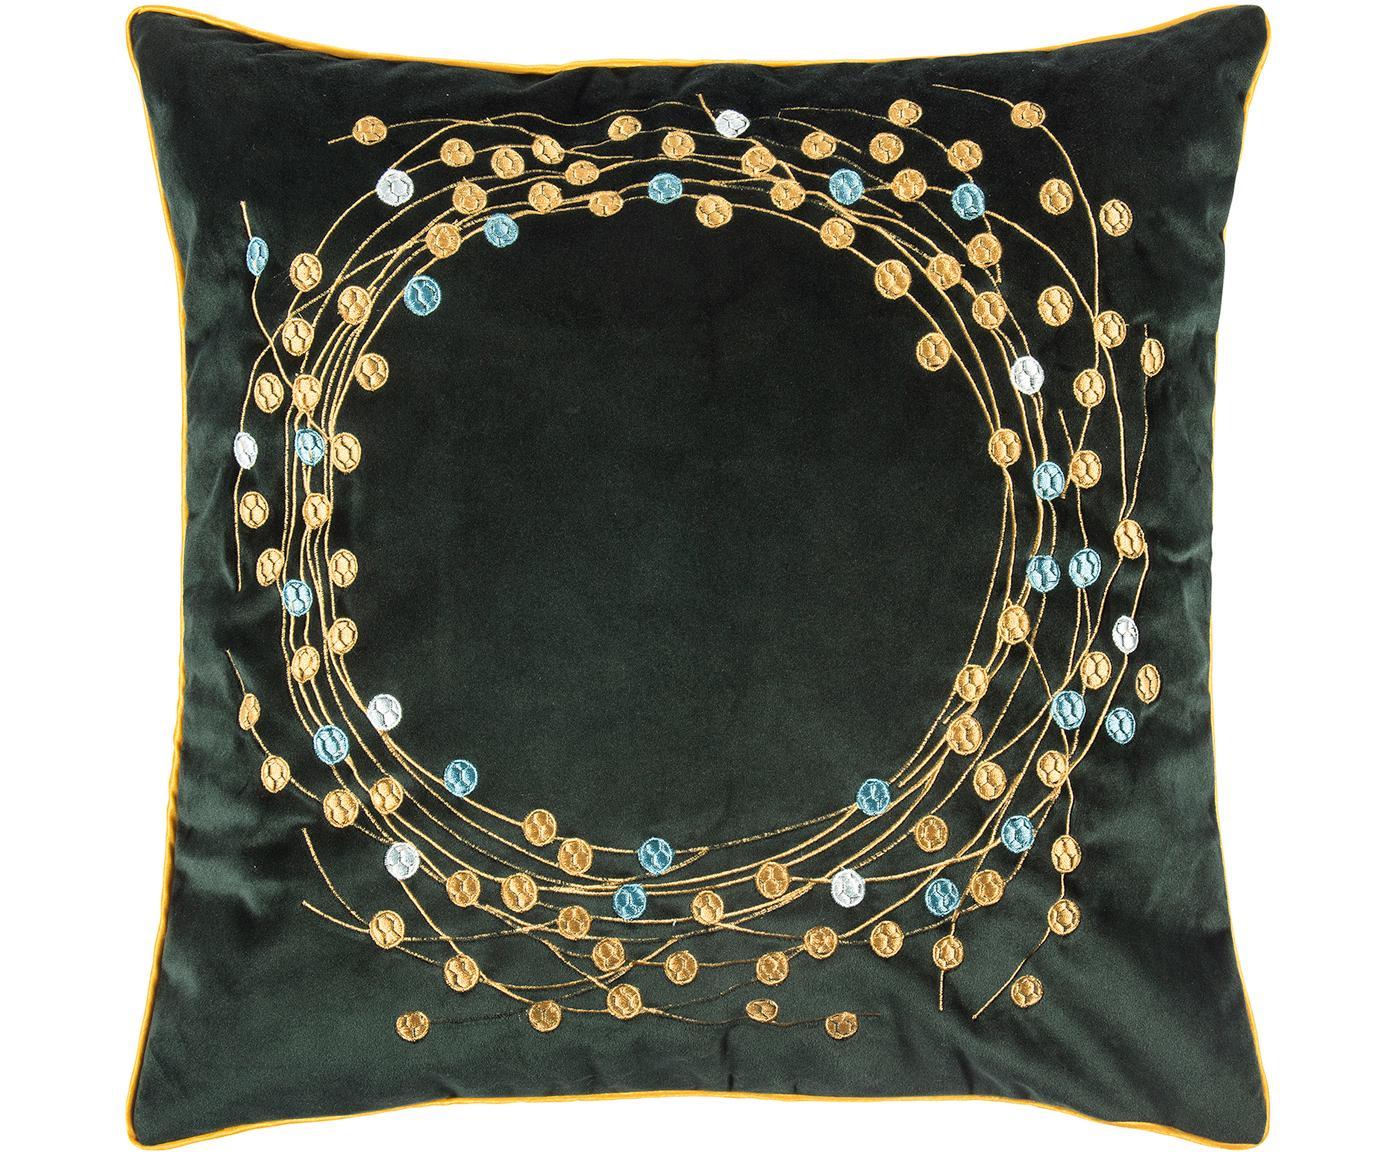 Funda de cojín de terciopelo Circle, Terciopelo de poliéster, Verde oscuro, dorado, An 45 x L 45 cm